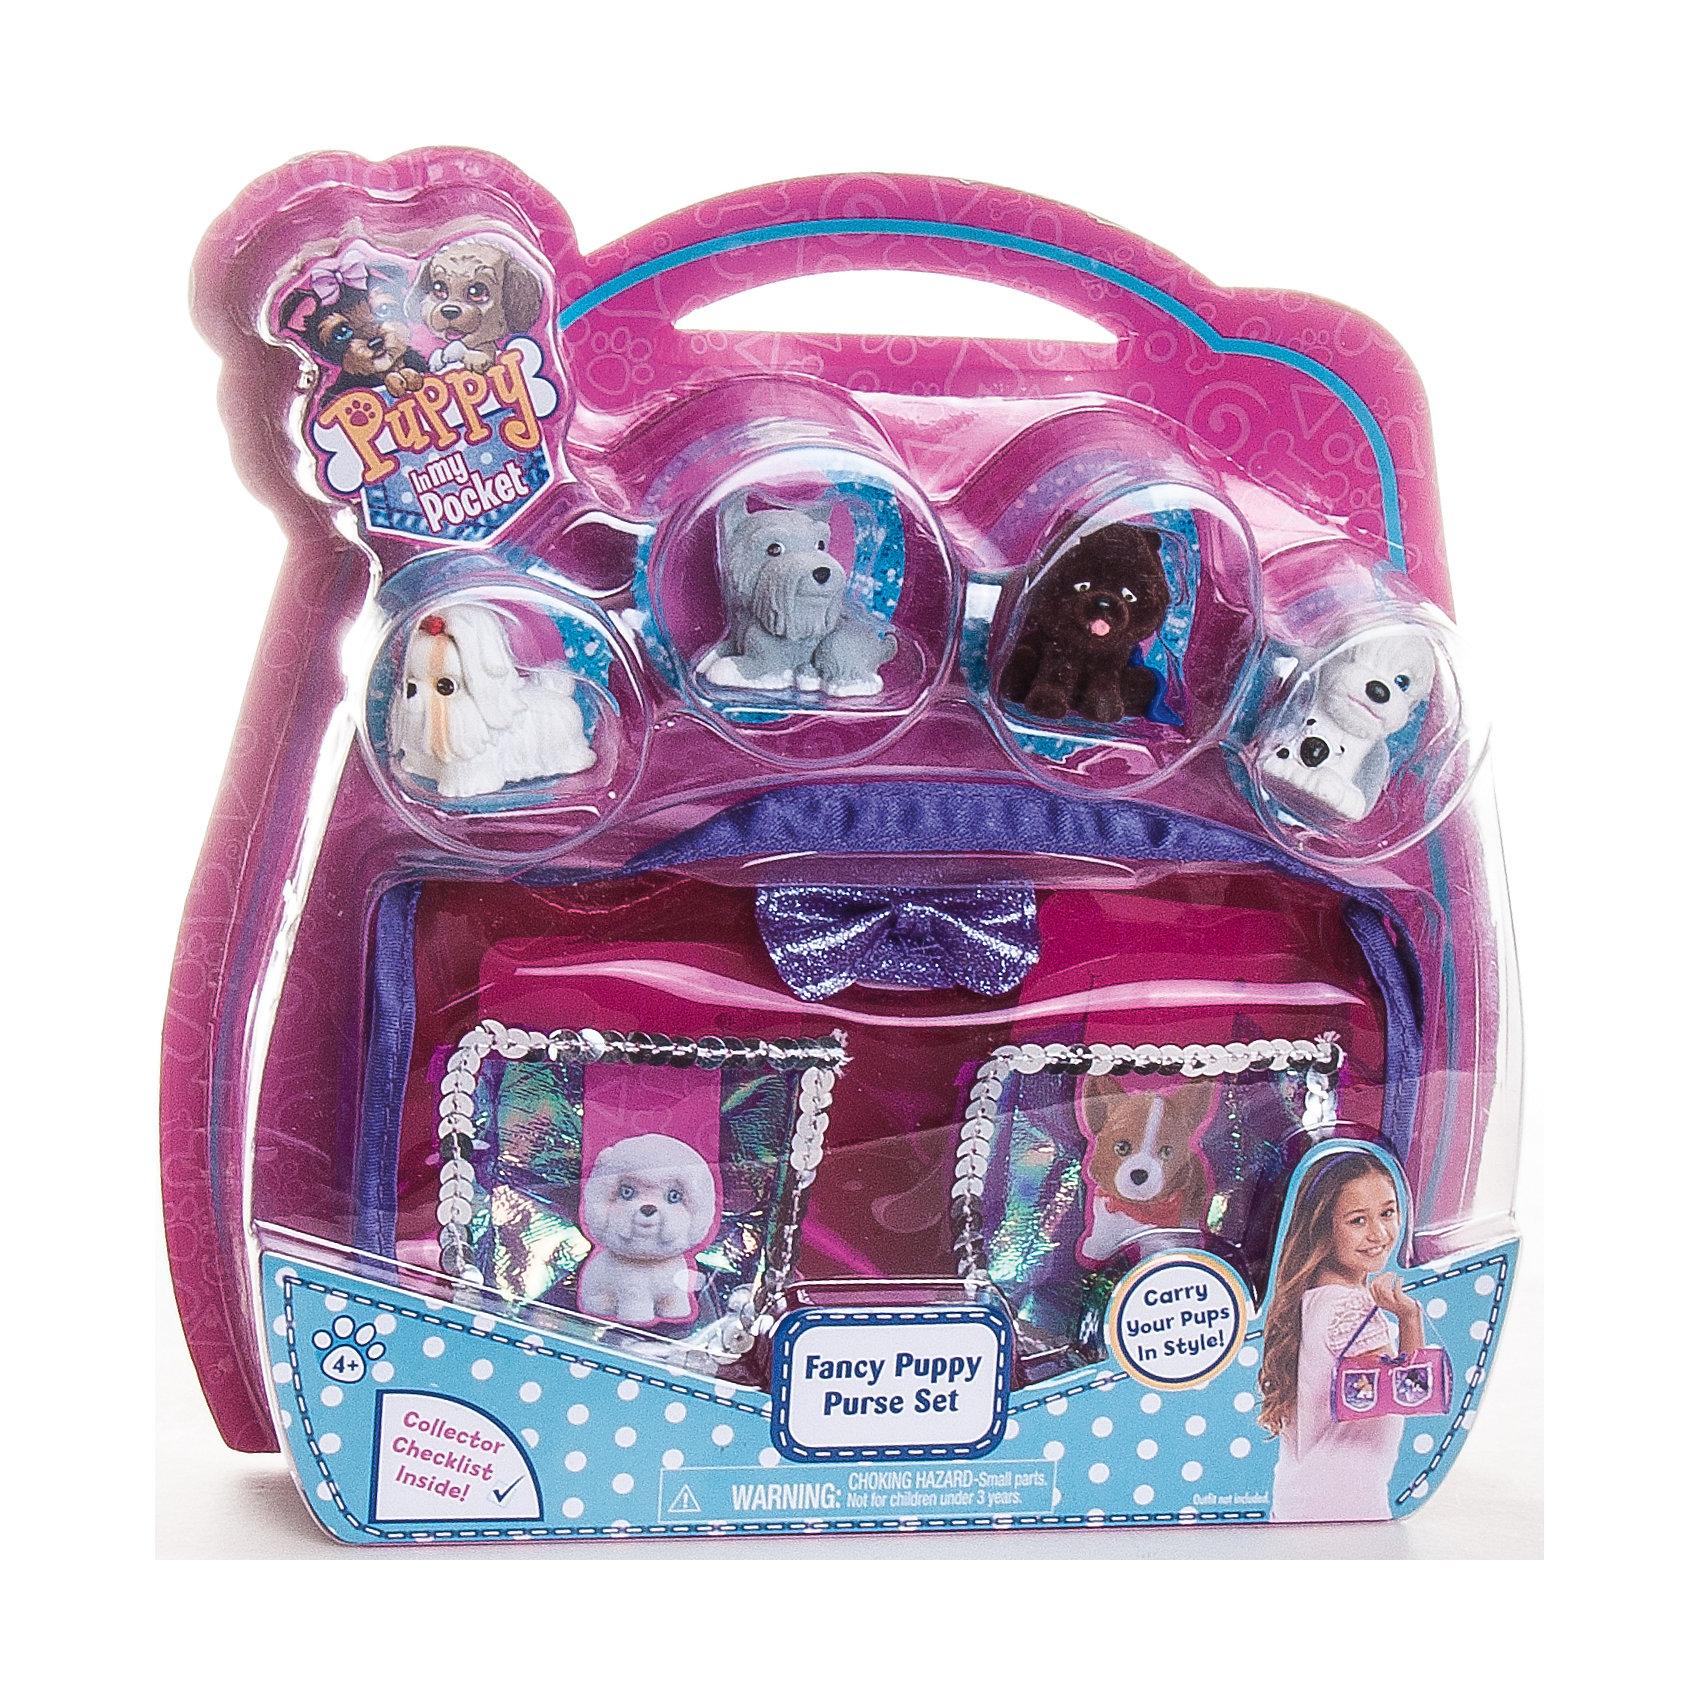 Сумочка с 4 флокированными щенками, Puppy in my pocket, в ассортиментеКоллекционные и игровые фигурки<br>Яркая стильная сумочка с четырьмя мягкими щеночками внутри приведет в восторг любую девочку! Сумочка имеет прозрачные кармашки, сквозь которые видно фигурки собачек. В ассортименте 3 варианта с различными цветами сумочек и коллекционными щенками.<br>Puppy In My Pocket (Щенок в моём кармане) – это новый бренд игрушек, созданных по одноименному мультфильму, объединяющий более 100 различных персонажей! Симпатичные маленькие пластиковые собачки имеют специальное текстильное напыление (флокирование), делающее их очень приятными на ощупь. <br><br>Дополнительная информация:<br><br>- Материал: пластик, флок.<br>- Размер упаковки: 22,5 ? 4,5 ? 24 см. <br>- Сумочка в ассортименте (3 варианта).<br>ВНИМАНИЕ! Данный артикул представлен в разных вариантах исполнения. К сожалению, заранее выбрать определенный вариант невозможно. При заказе нескольких сумочек возможно получение одинаковых.<br><br>Сумочку с 4 флокированными щенками, Puppy in my pocket, в ассортименте, можно нашем магазине.<br><br>Ширина мм: 230<br>Глубина мм: 250<br>Высота мм: 50<br>Вес г: 290<br>Возраст от месяцев: 36<br>Возраст до месяцев: 120<br>Пол: Женский<br>Возраст: Детский<br>SKU: 4587473